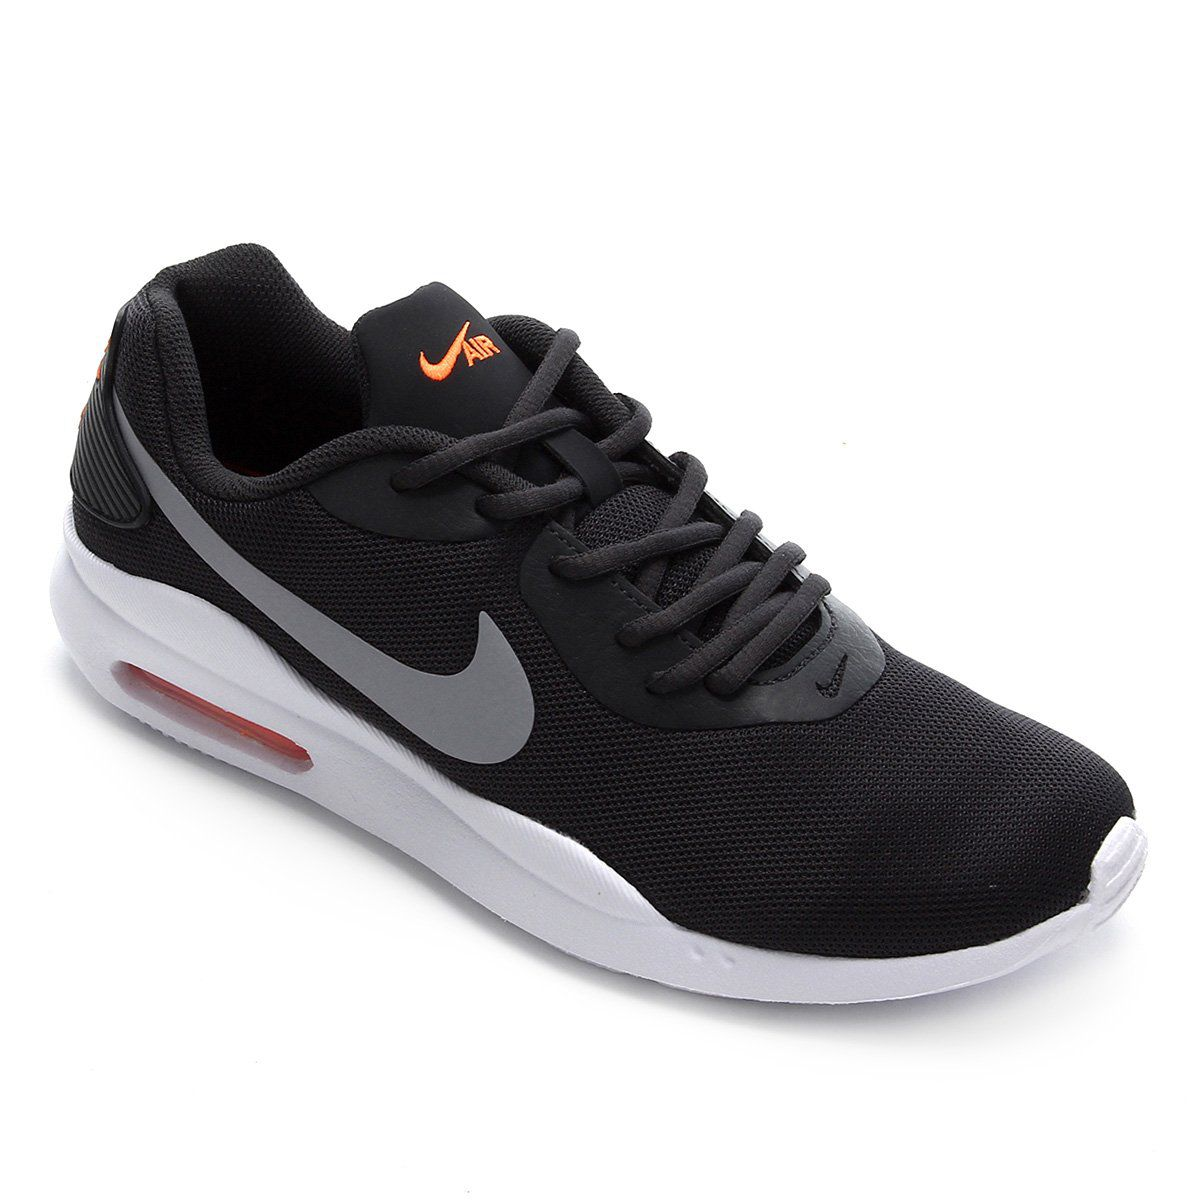 Tenis Nike Air Max Oketo AQ2235